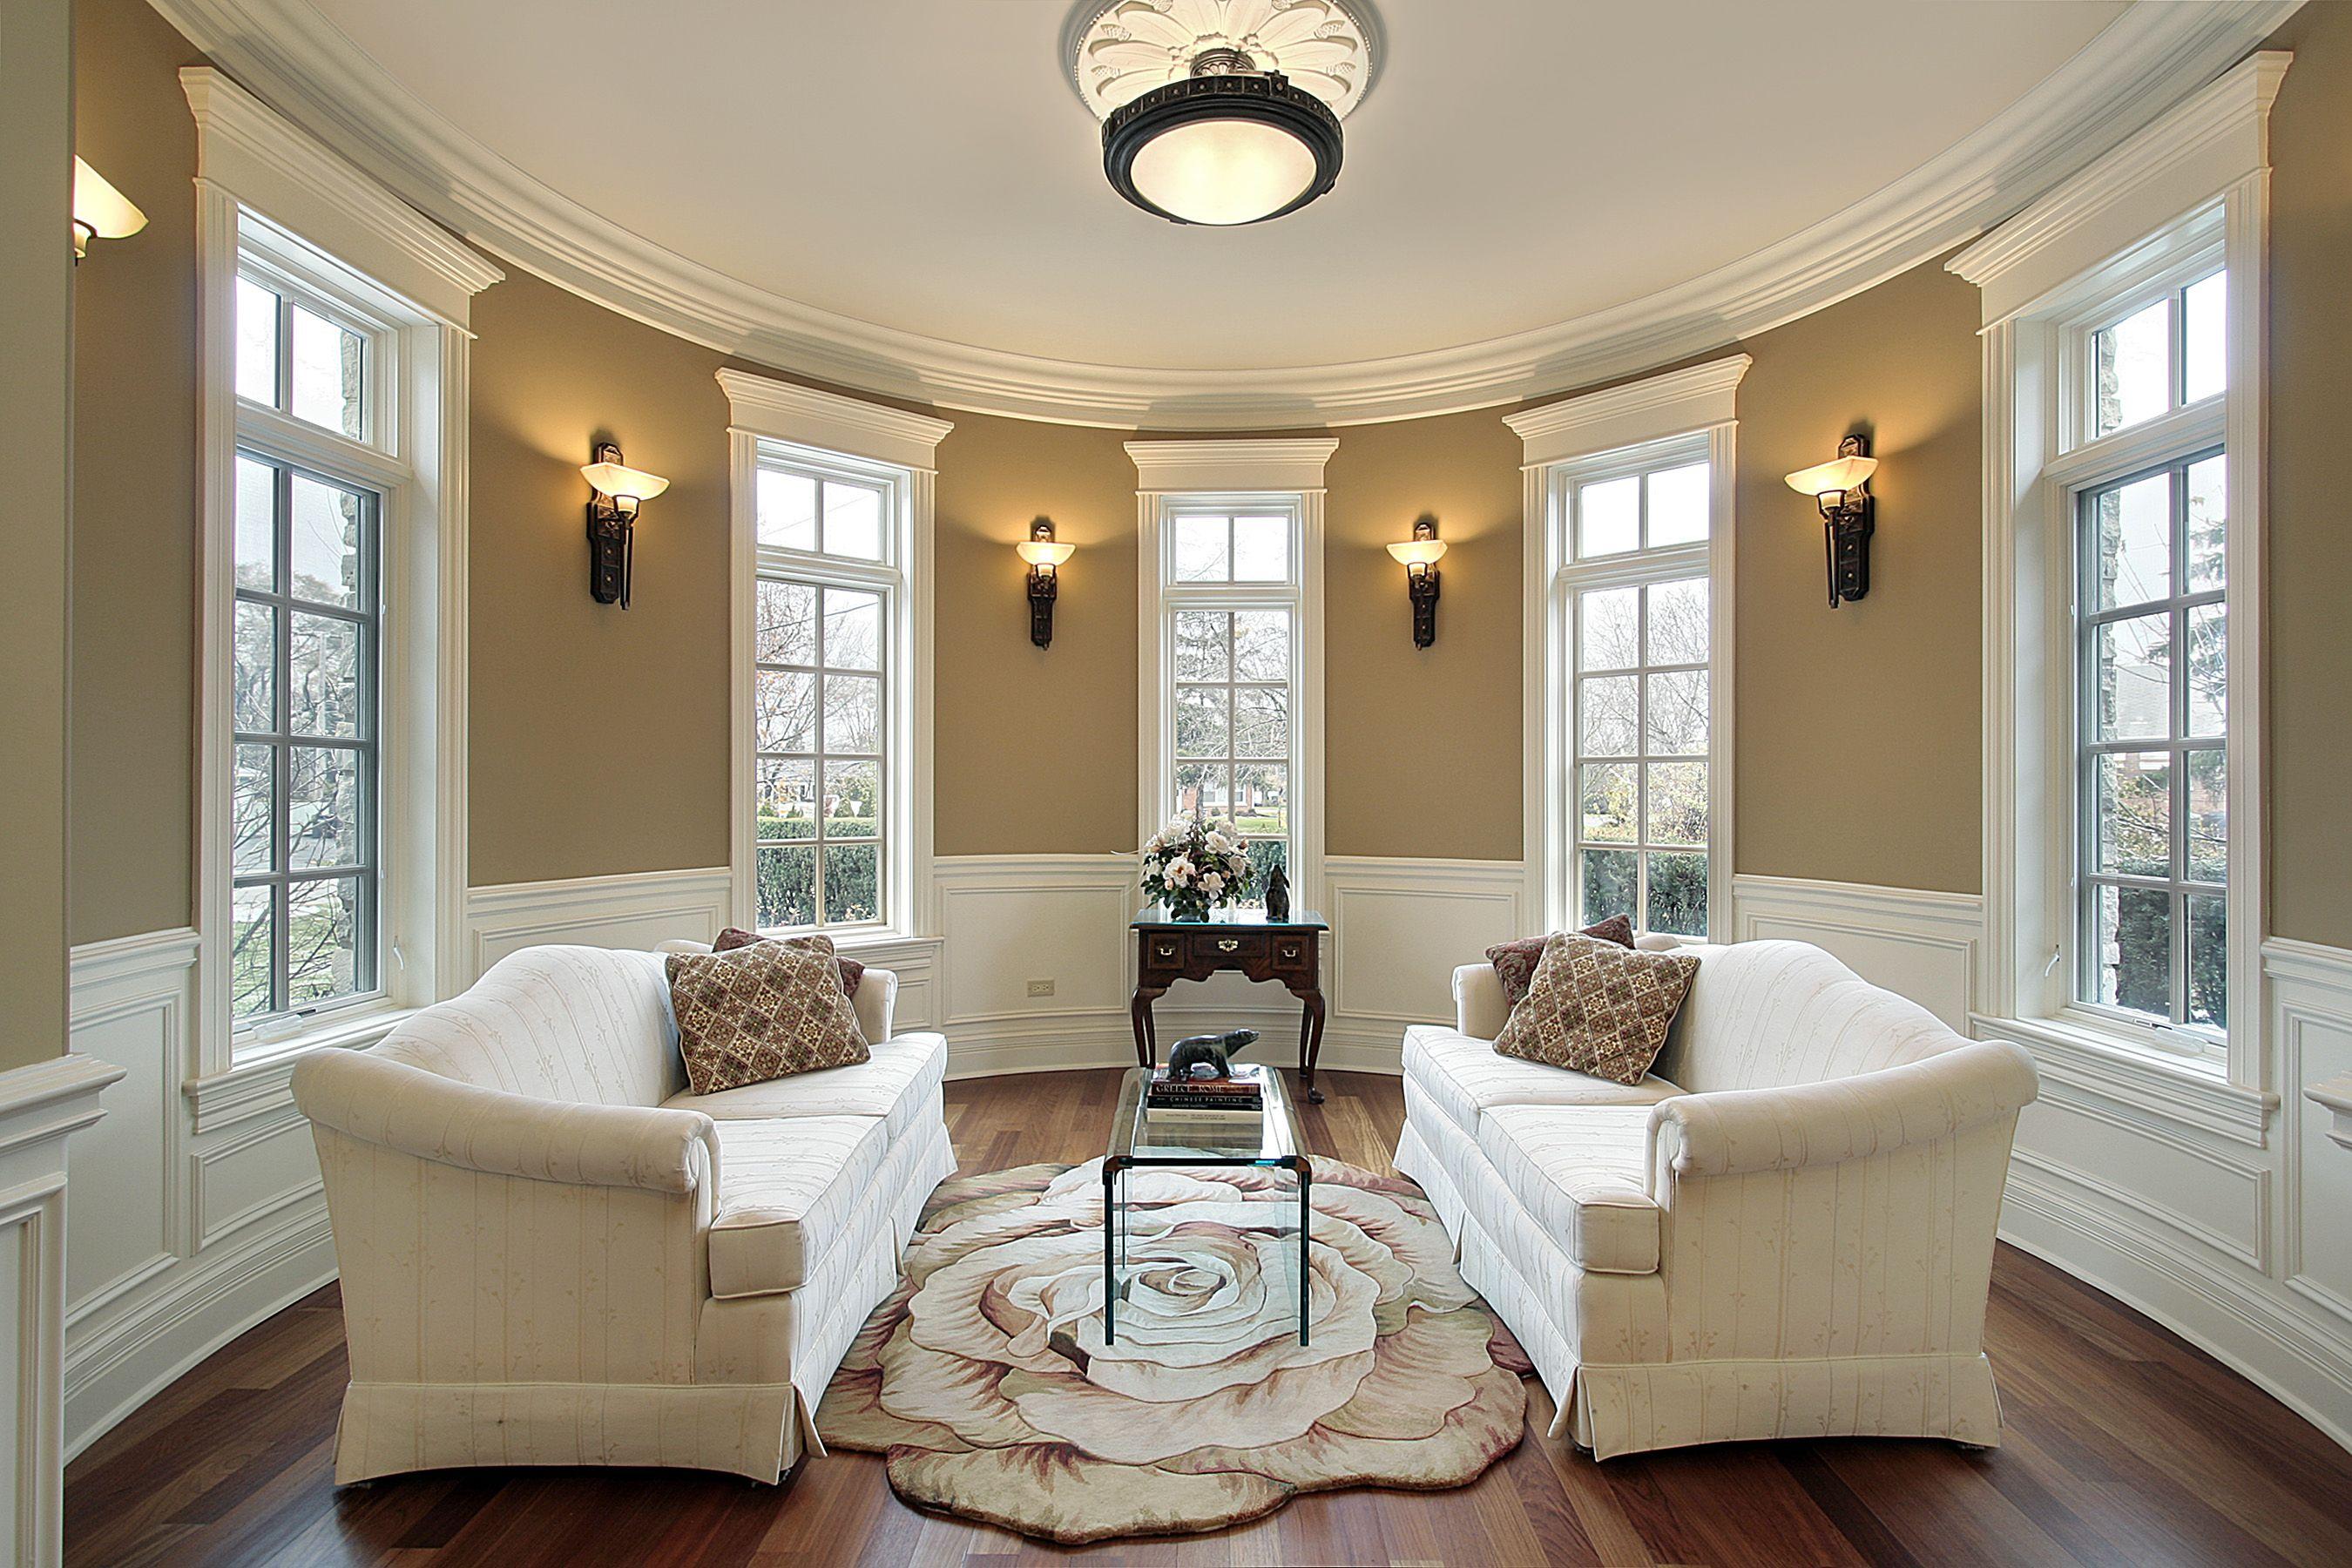 Home interior furniture elegant home lighting for living area  home lighting  pinterest